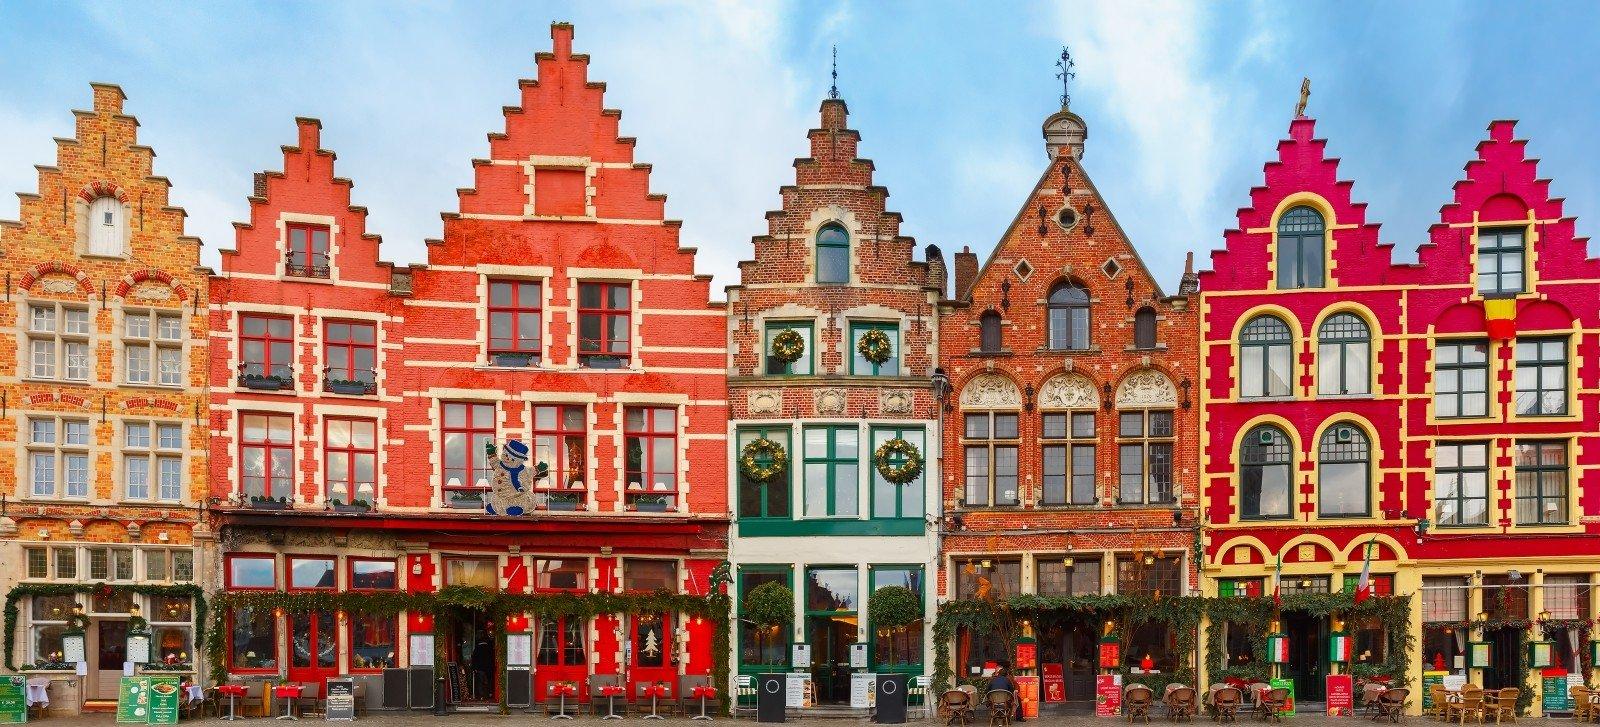 Briuselio teismas įsakė Belgijos valstybei per 30 dienų panaikinti visas koronaviruso priemones arba jas tinkamai suformuoti pagal įstatymą